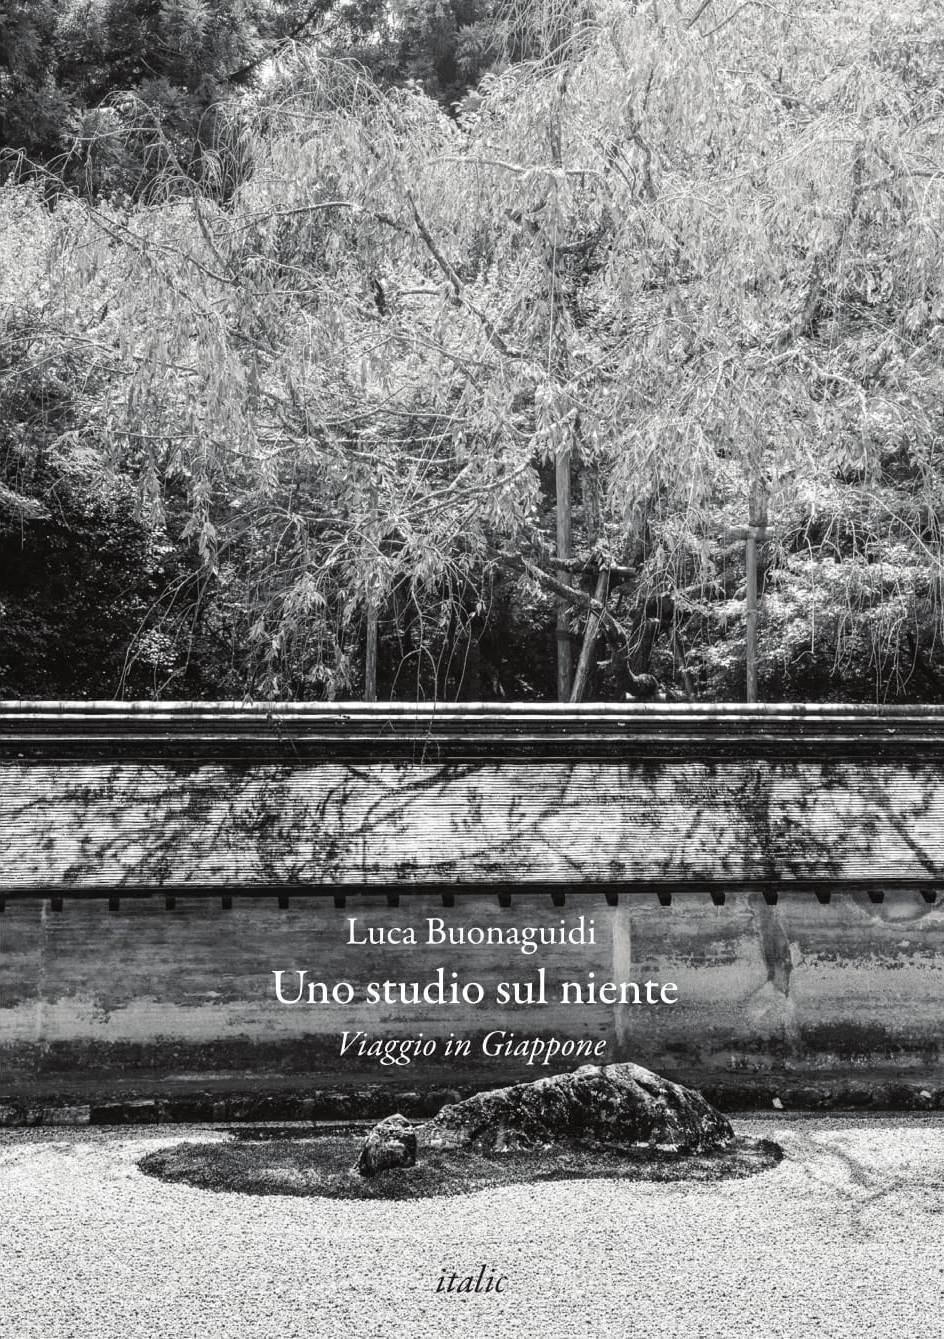 Luca Buonaguidi, Uno studio sul niente – Viaggio inGiappone